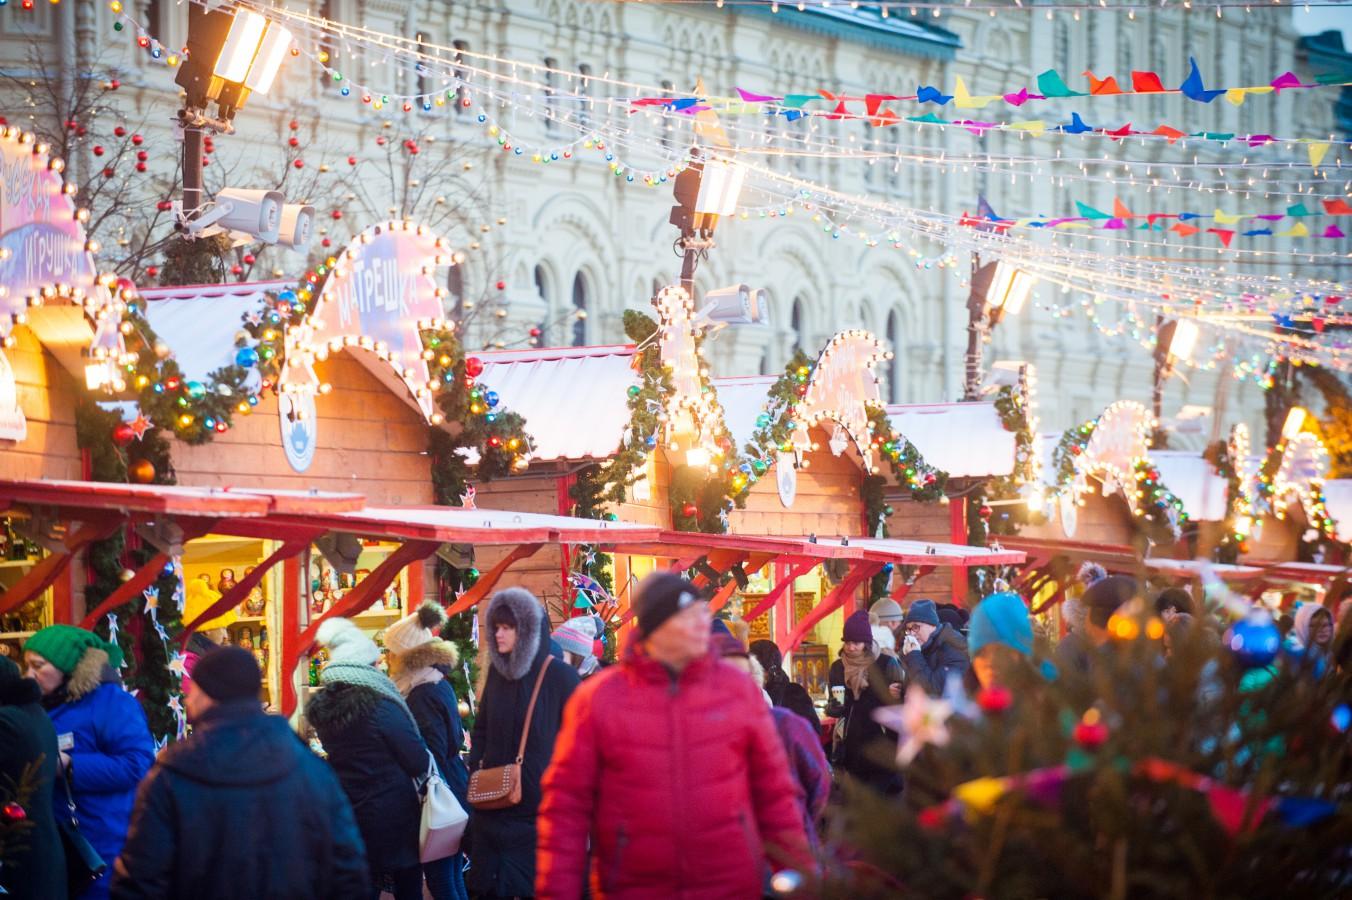 ГУМ каток на Красной площади будет открыт 29 ноября 2019 года